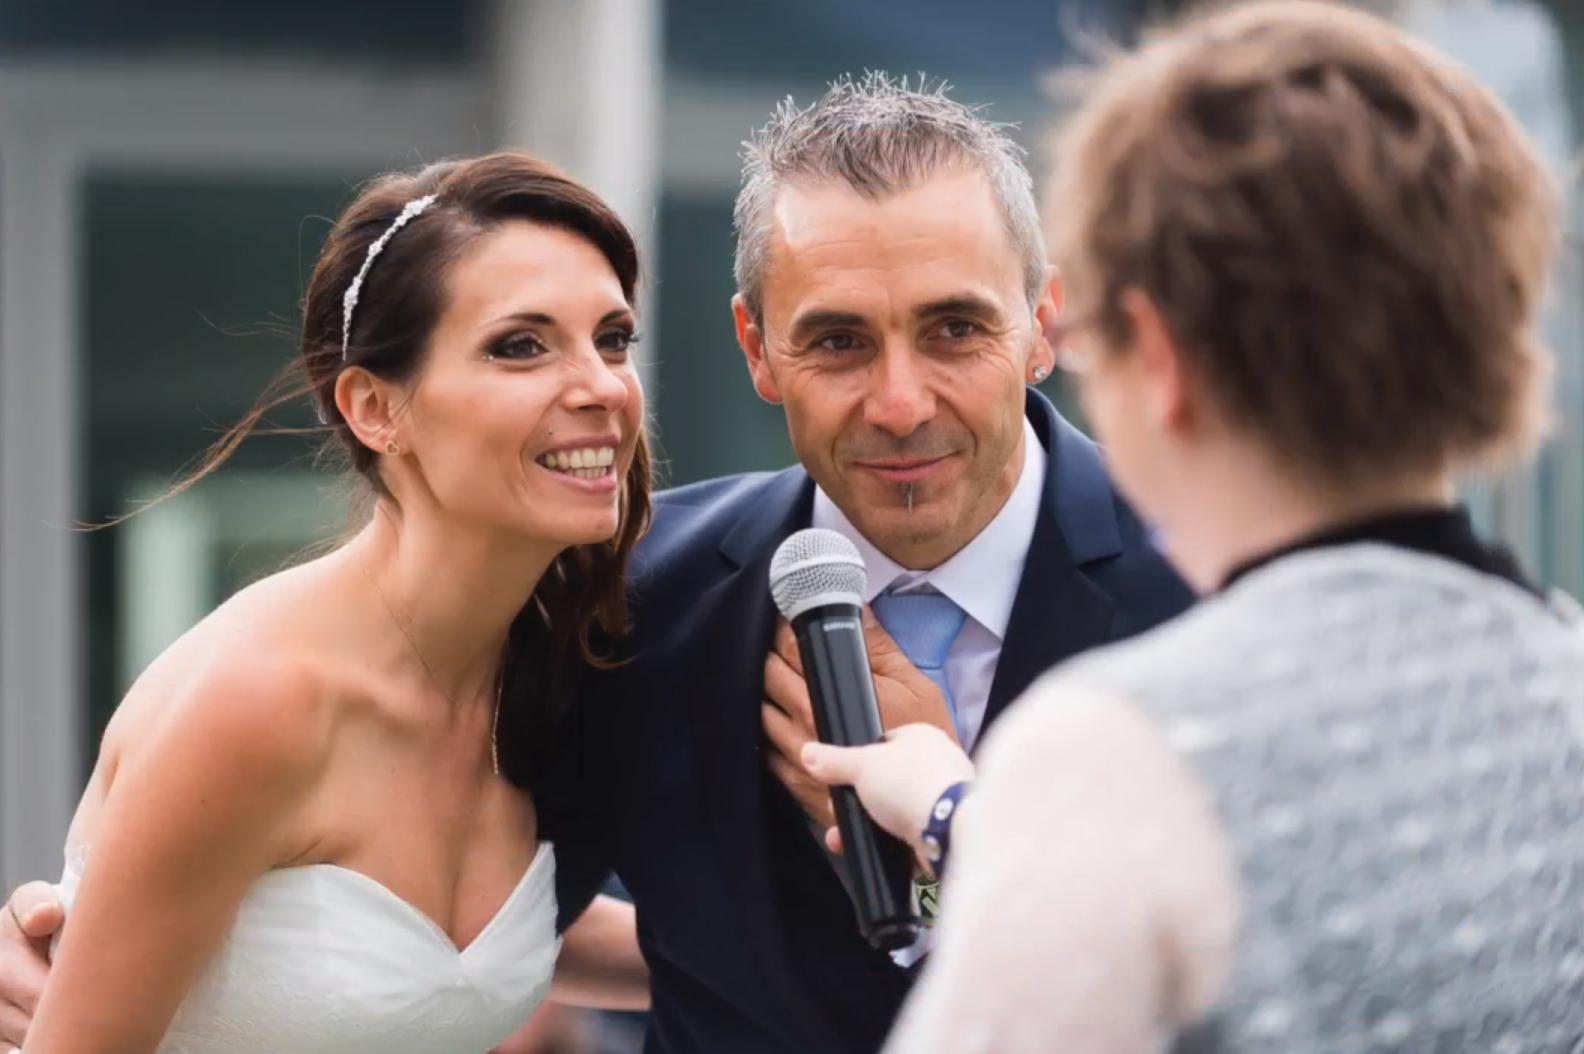 cu00e9ru00e9monie_mariage1_